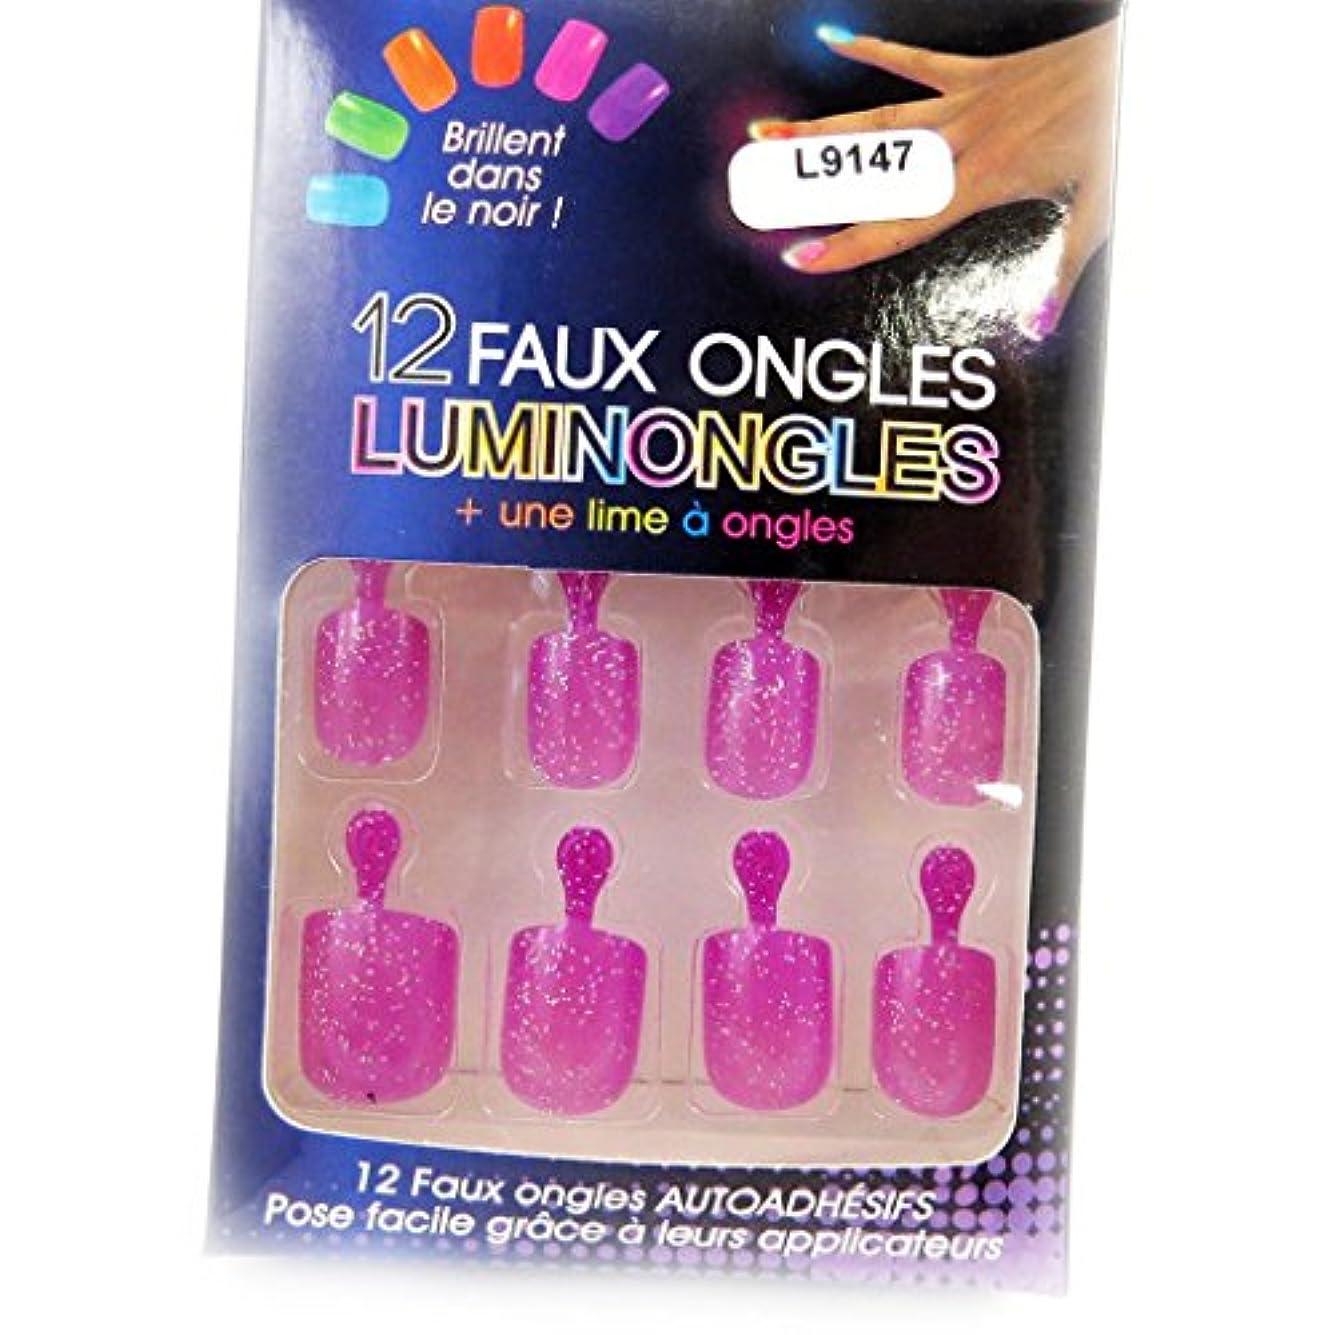 アリスジャンプ第二[リリーの宝 (Les Tresors De Lily)] (Luminongles コレクション) [L9147] アクリルスカルプチュア ピンク